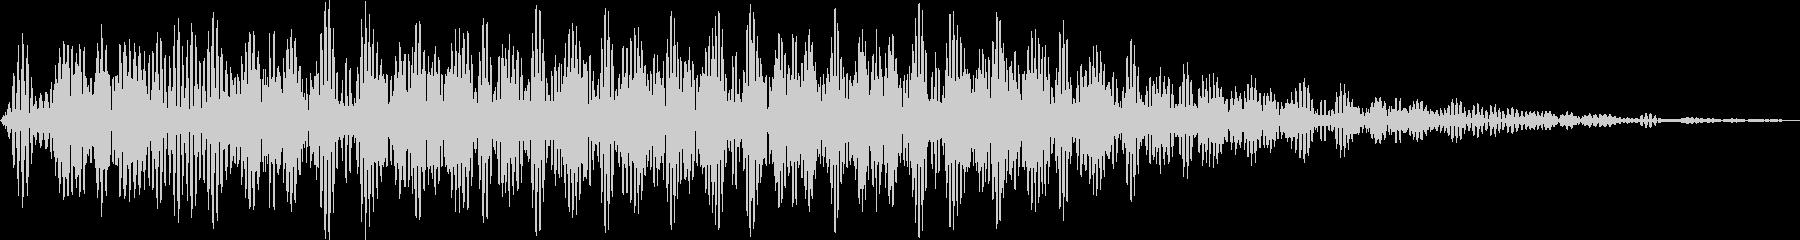 オアー(化猫 声の長い猫 移動)の未再生の波形